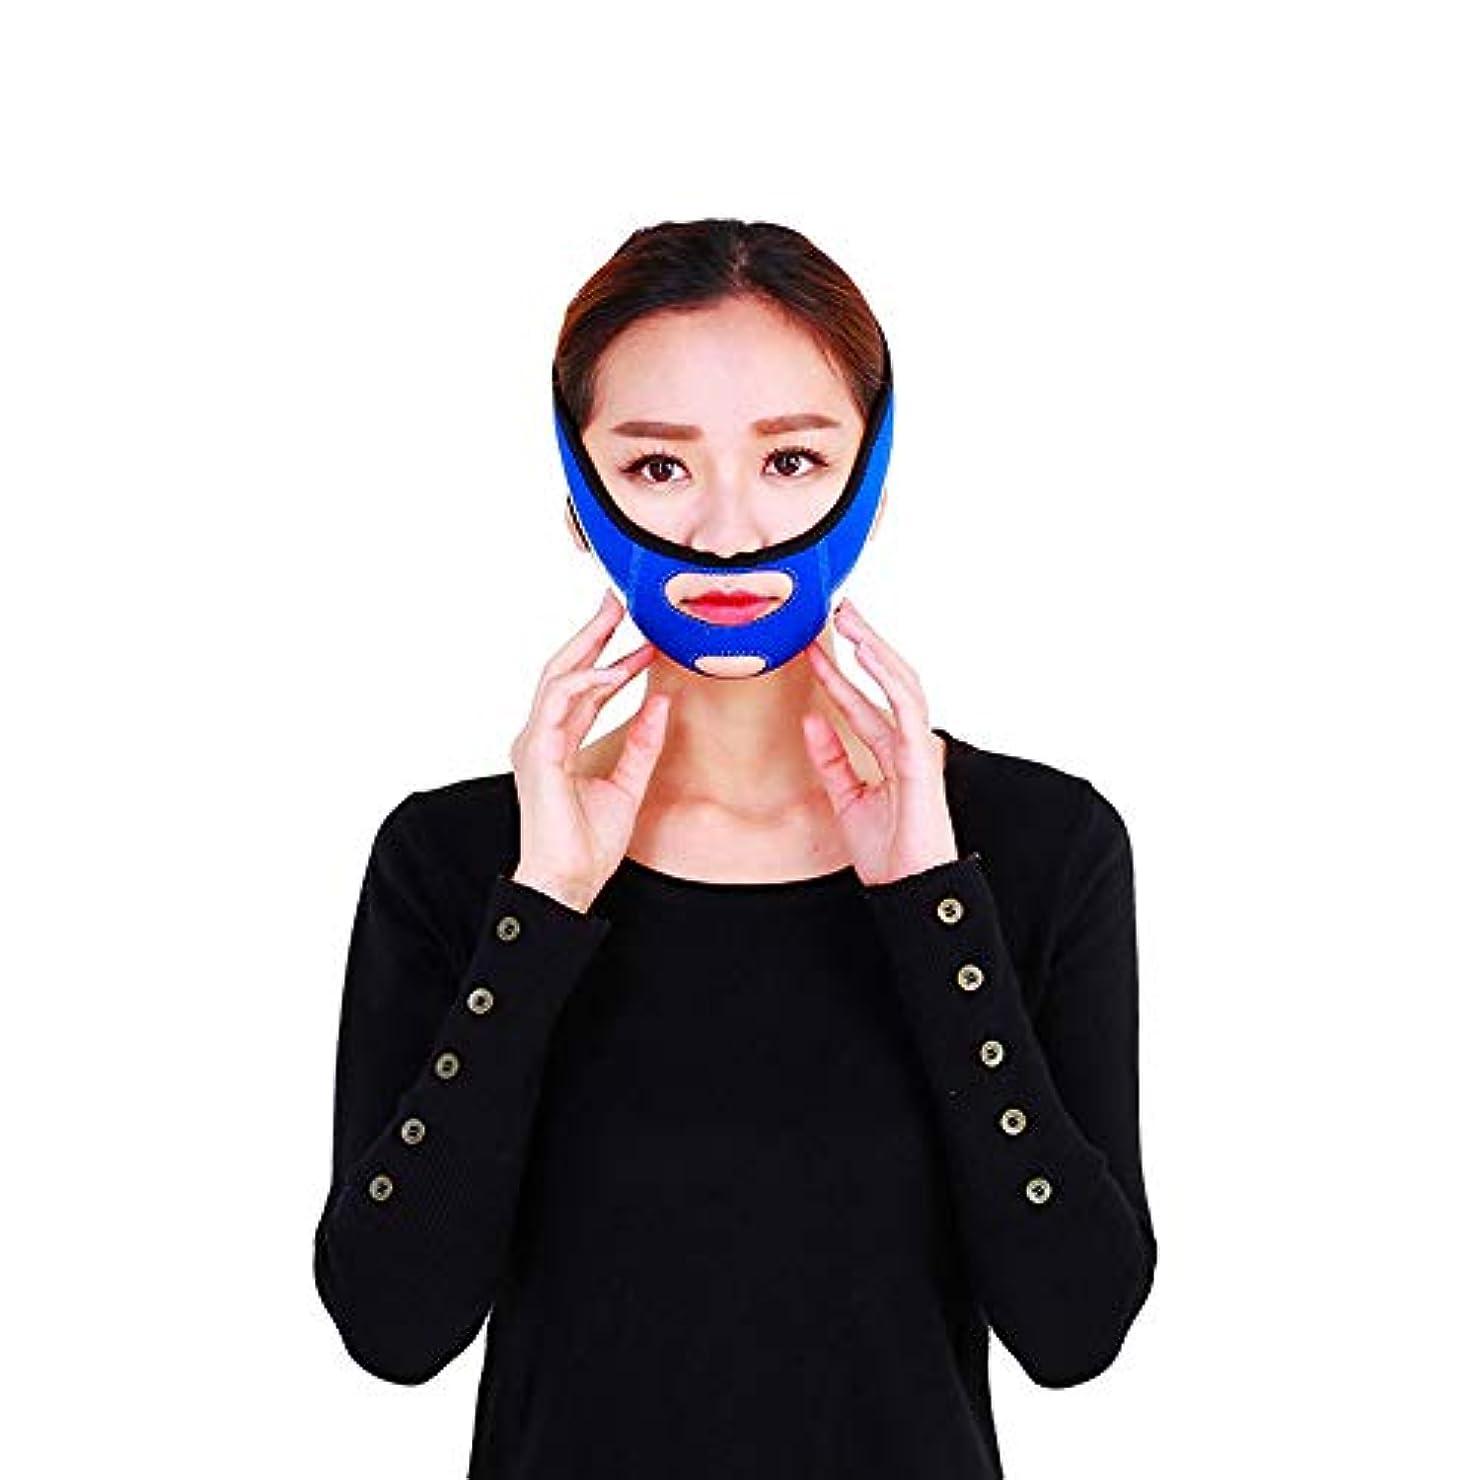 連帯強化好意Minmin フェイシャルリフティング痩身ベルトフェーススリム二重あごを取り除くアンチエイジングリンクルフェイス包帯マスク整形マスクが顔を引き締める みんみんVラインフェイスマスク